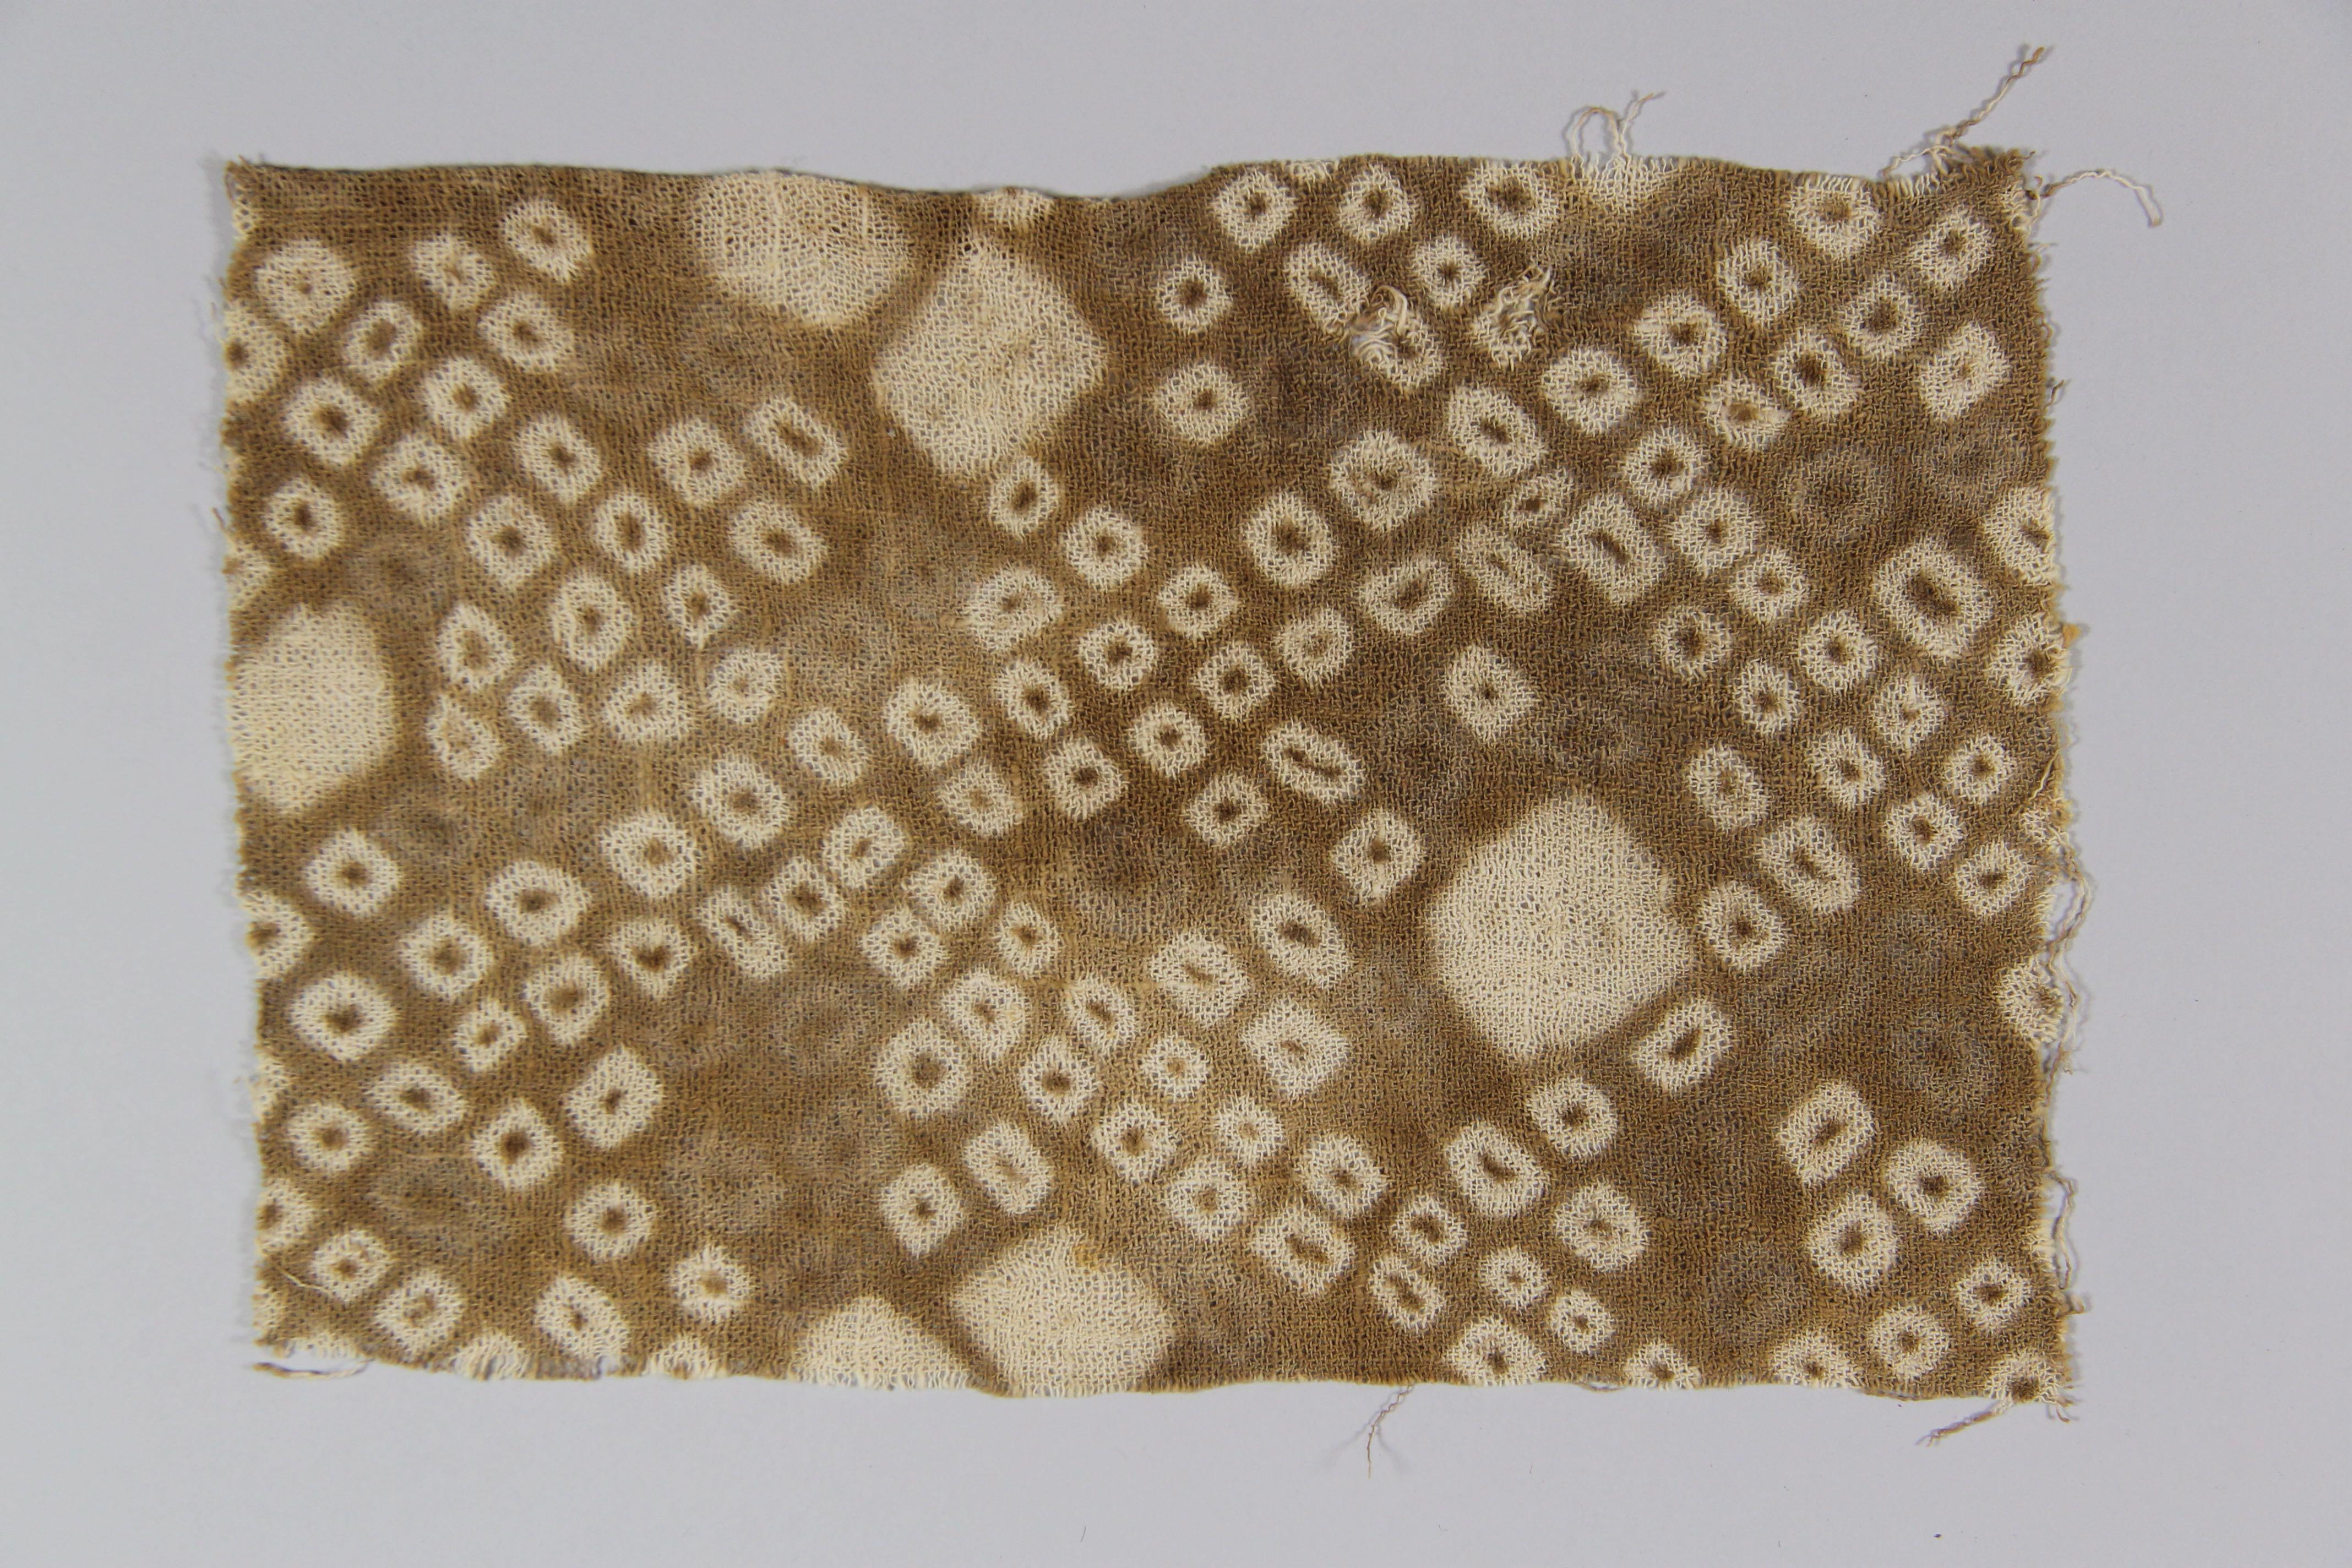 Crepe textile (fragment)